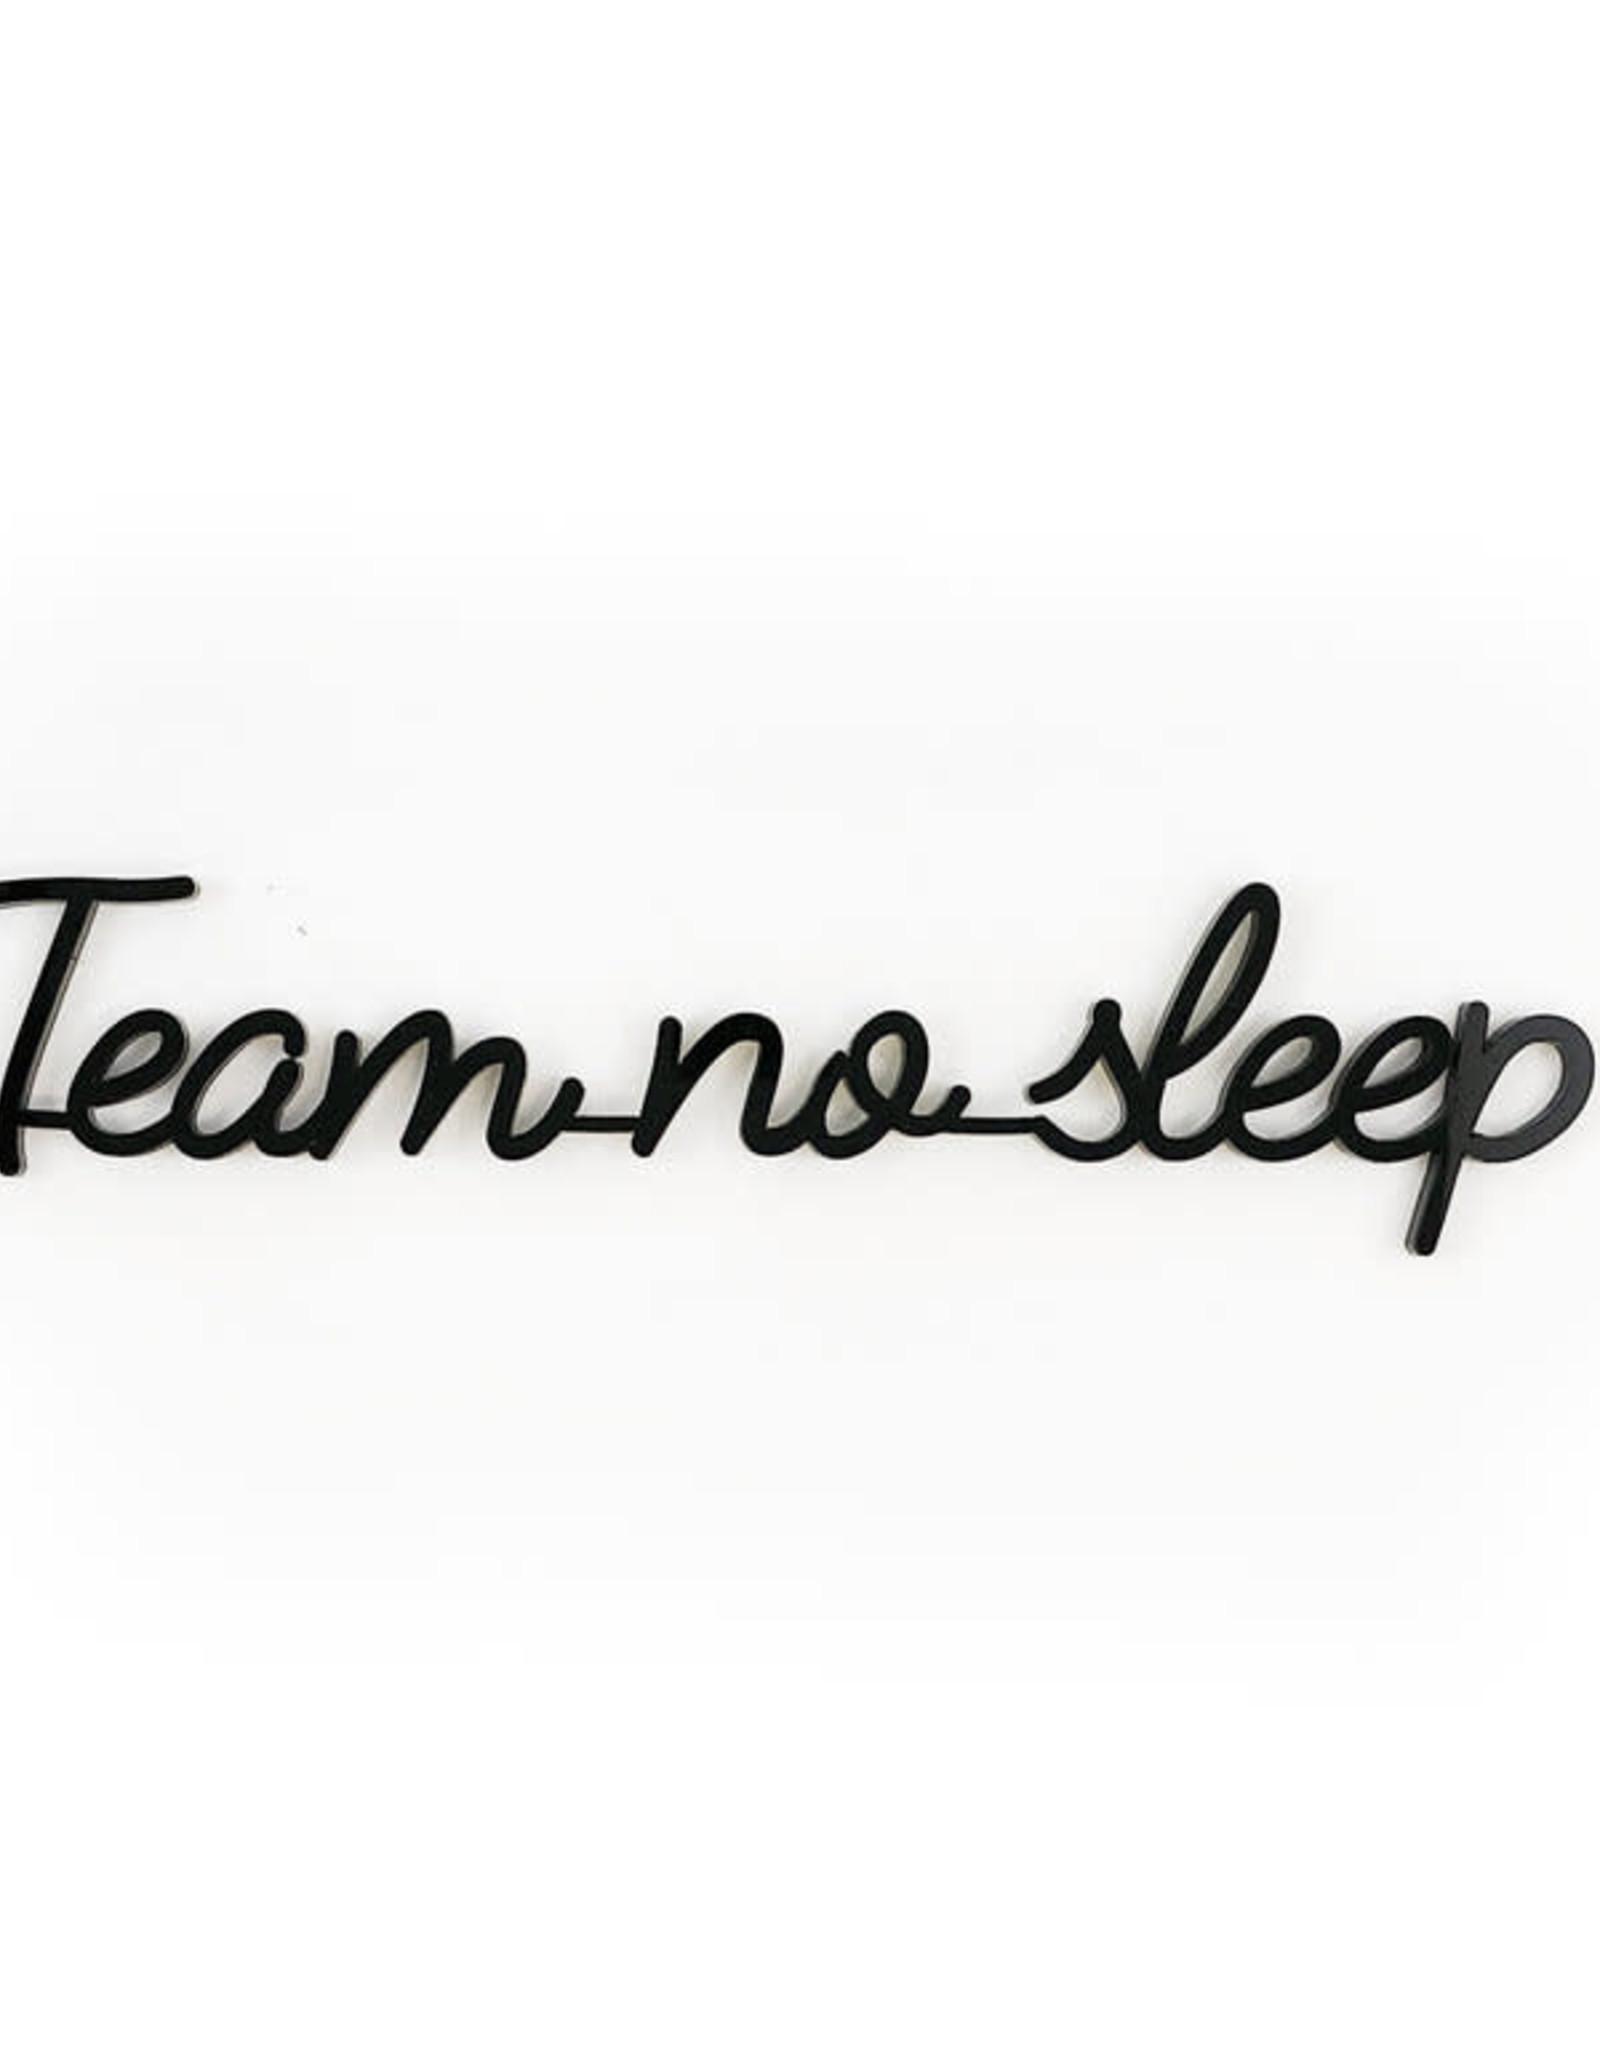 Goegezegd Goegezegd - Team no sleep